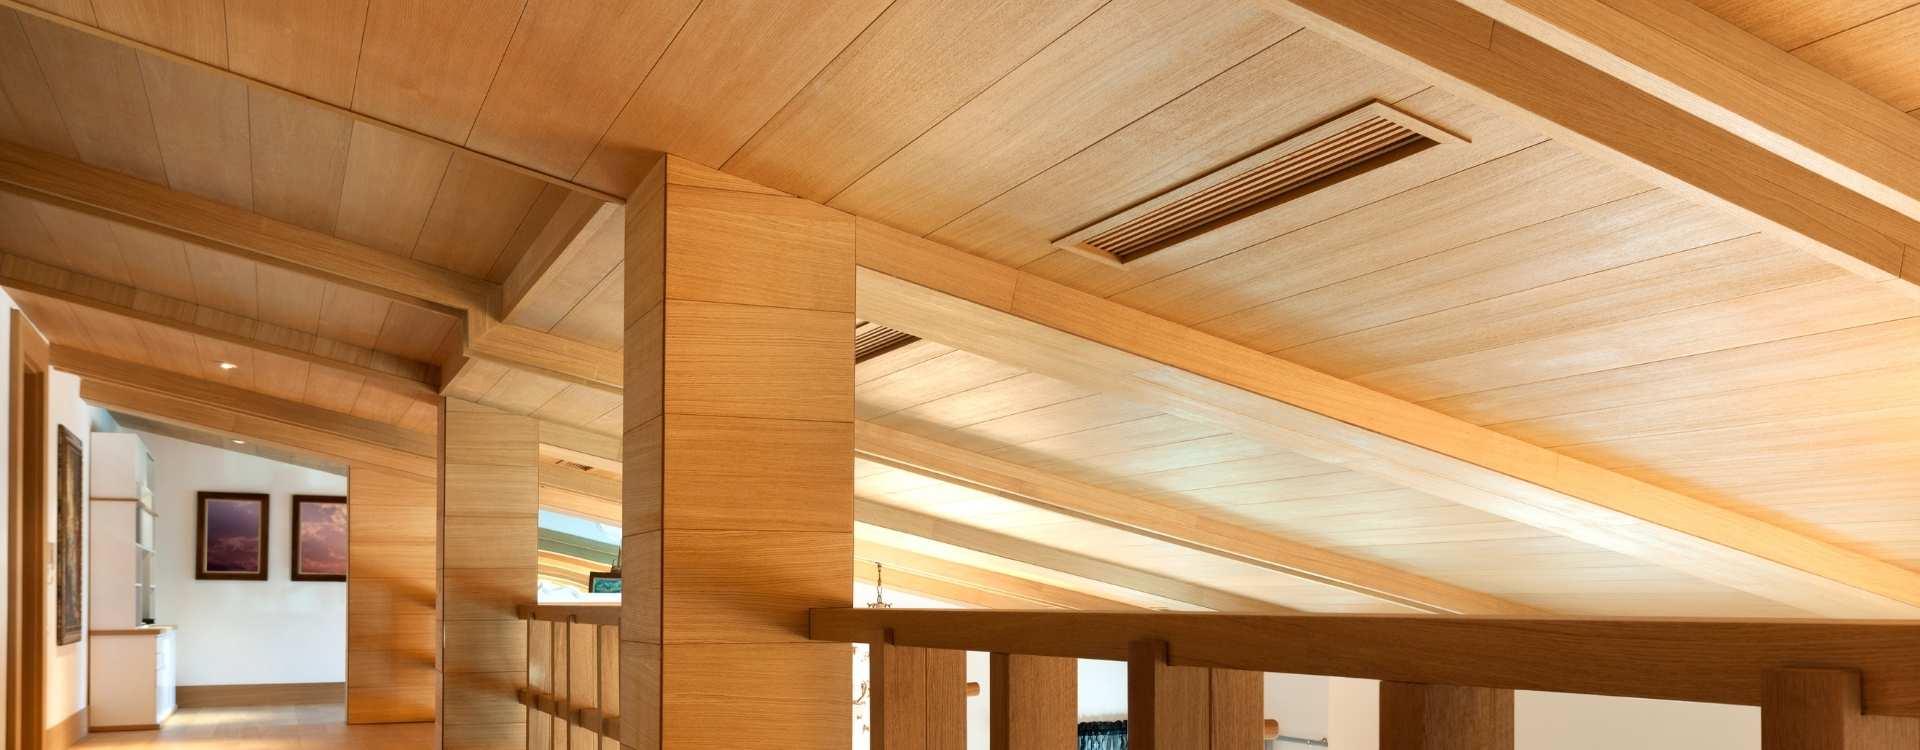 imagen-cubierta-madera